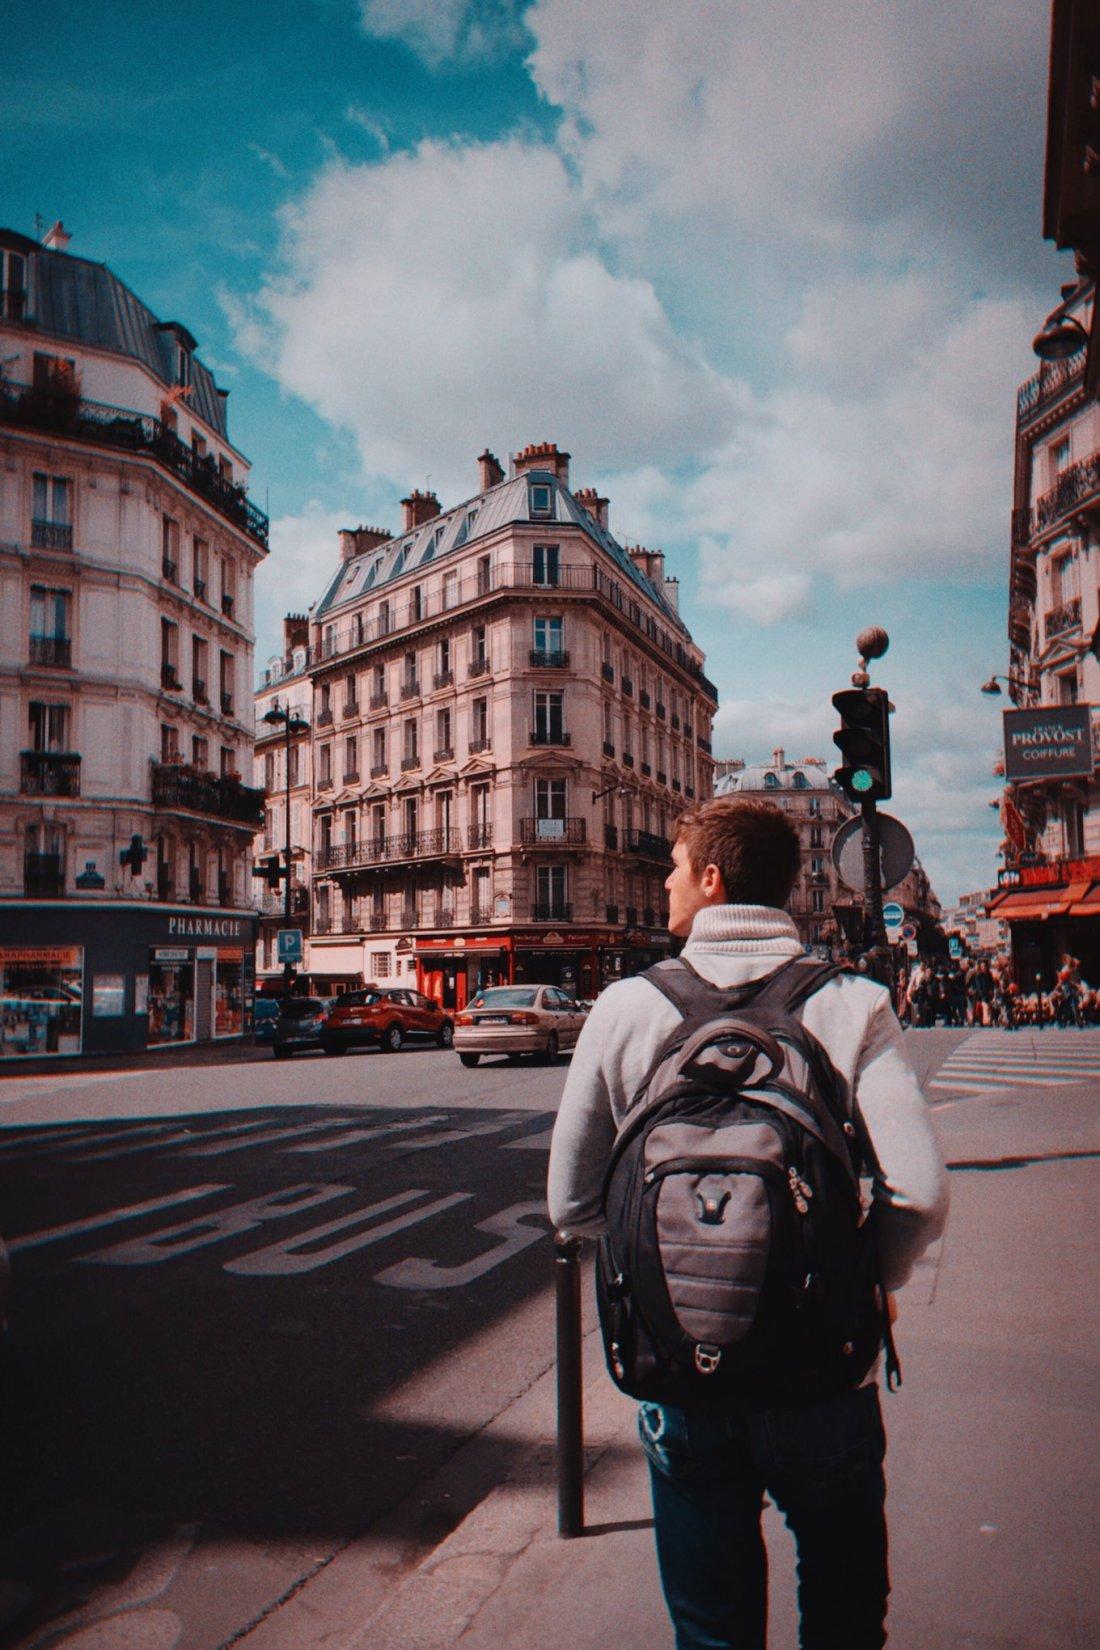 Ryan Chadwick walks Le Bouquet du Nord, Paris - one of OTR's favorite places